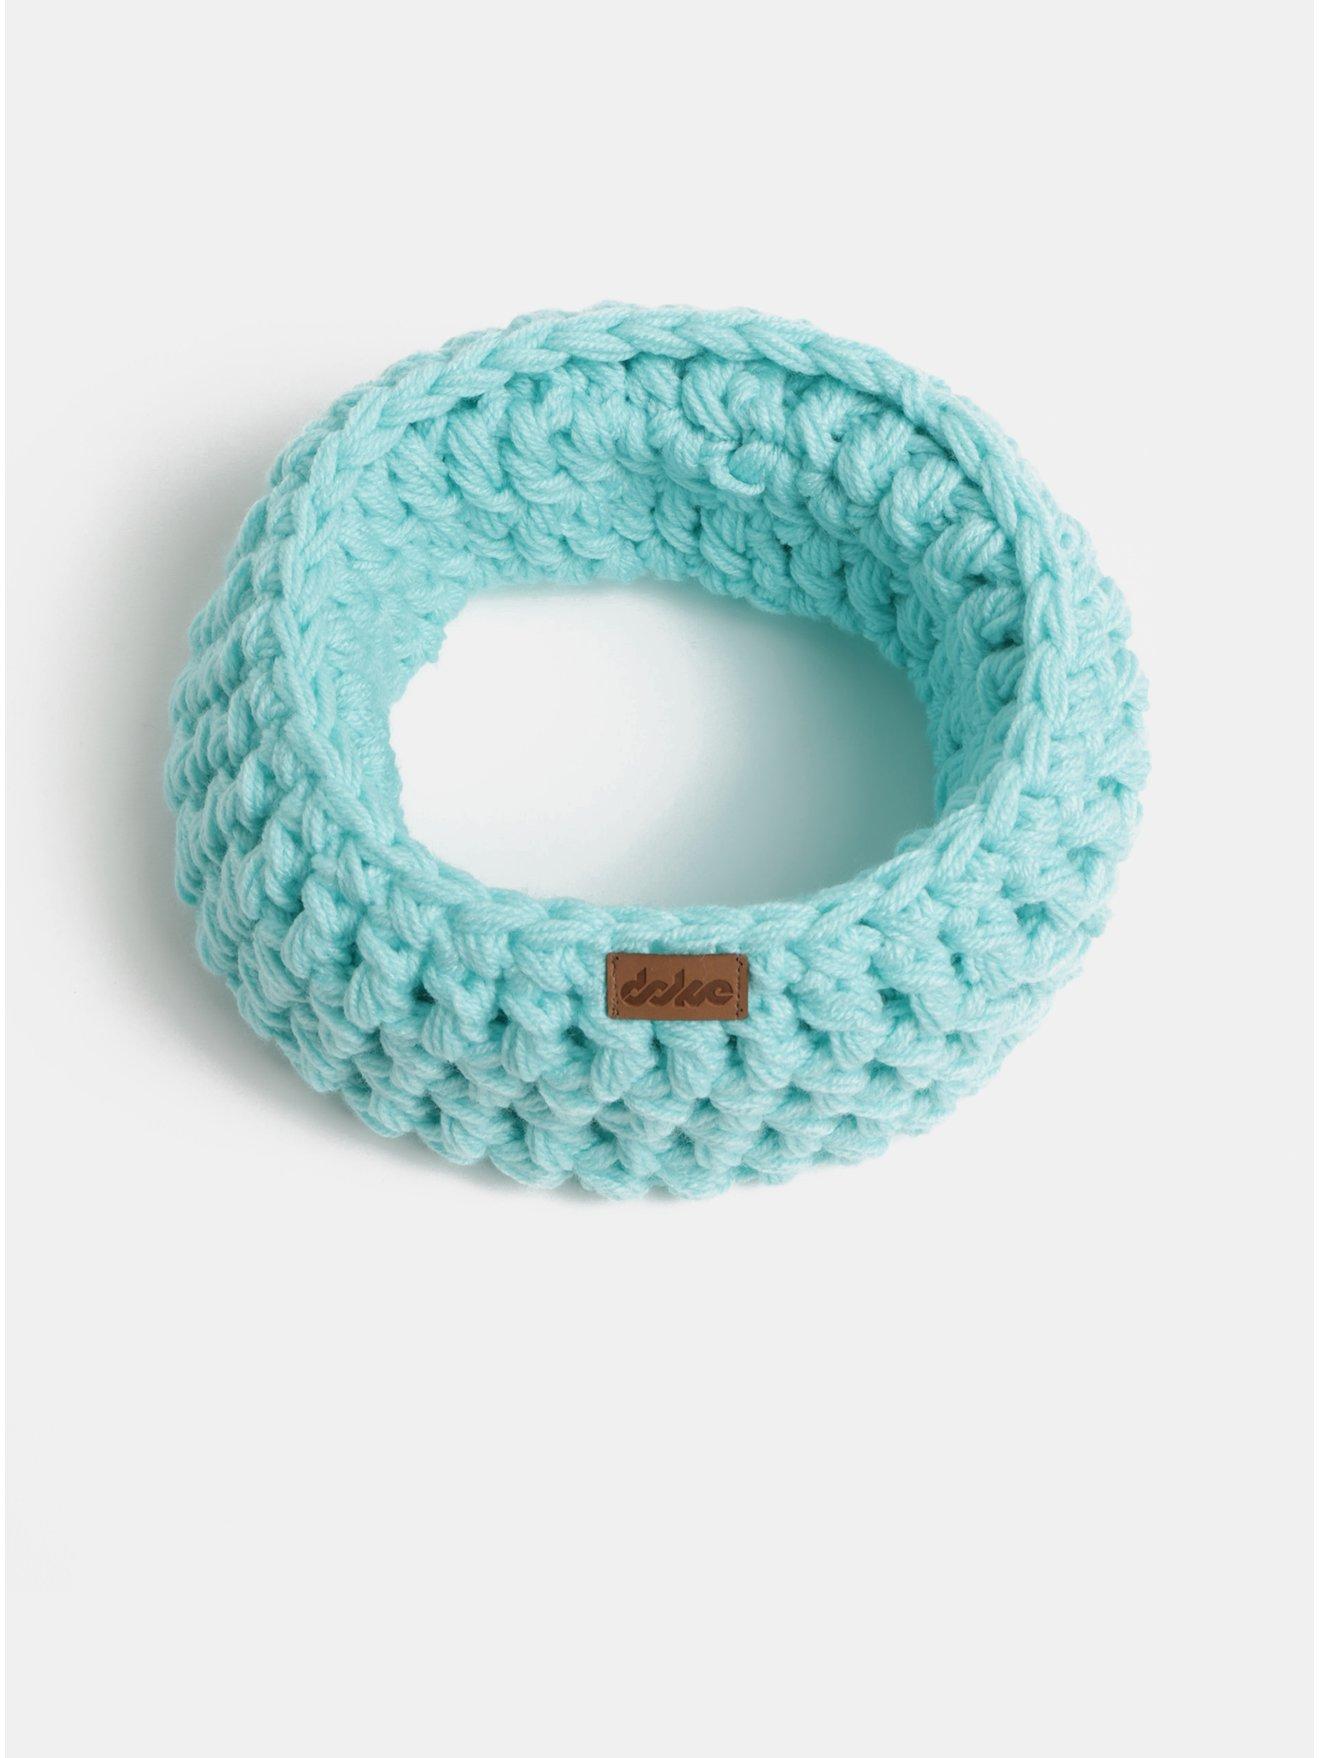 Tyrkysový pletený nákrčník DOKE 366c4e6c60